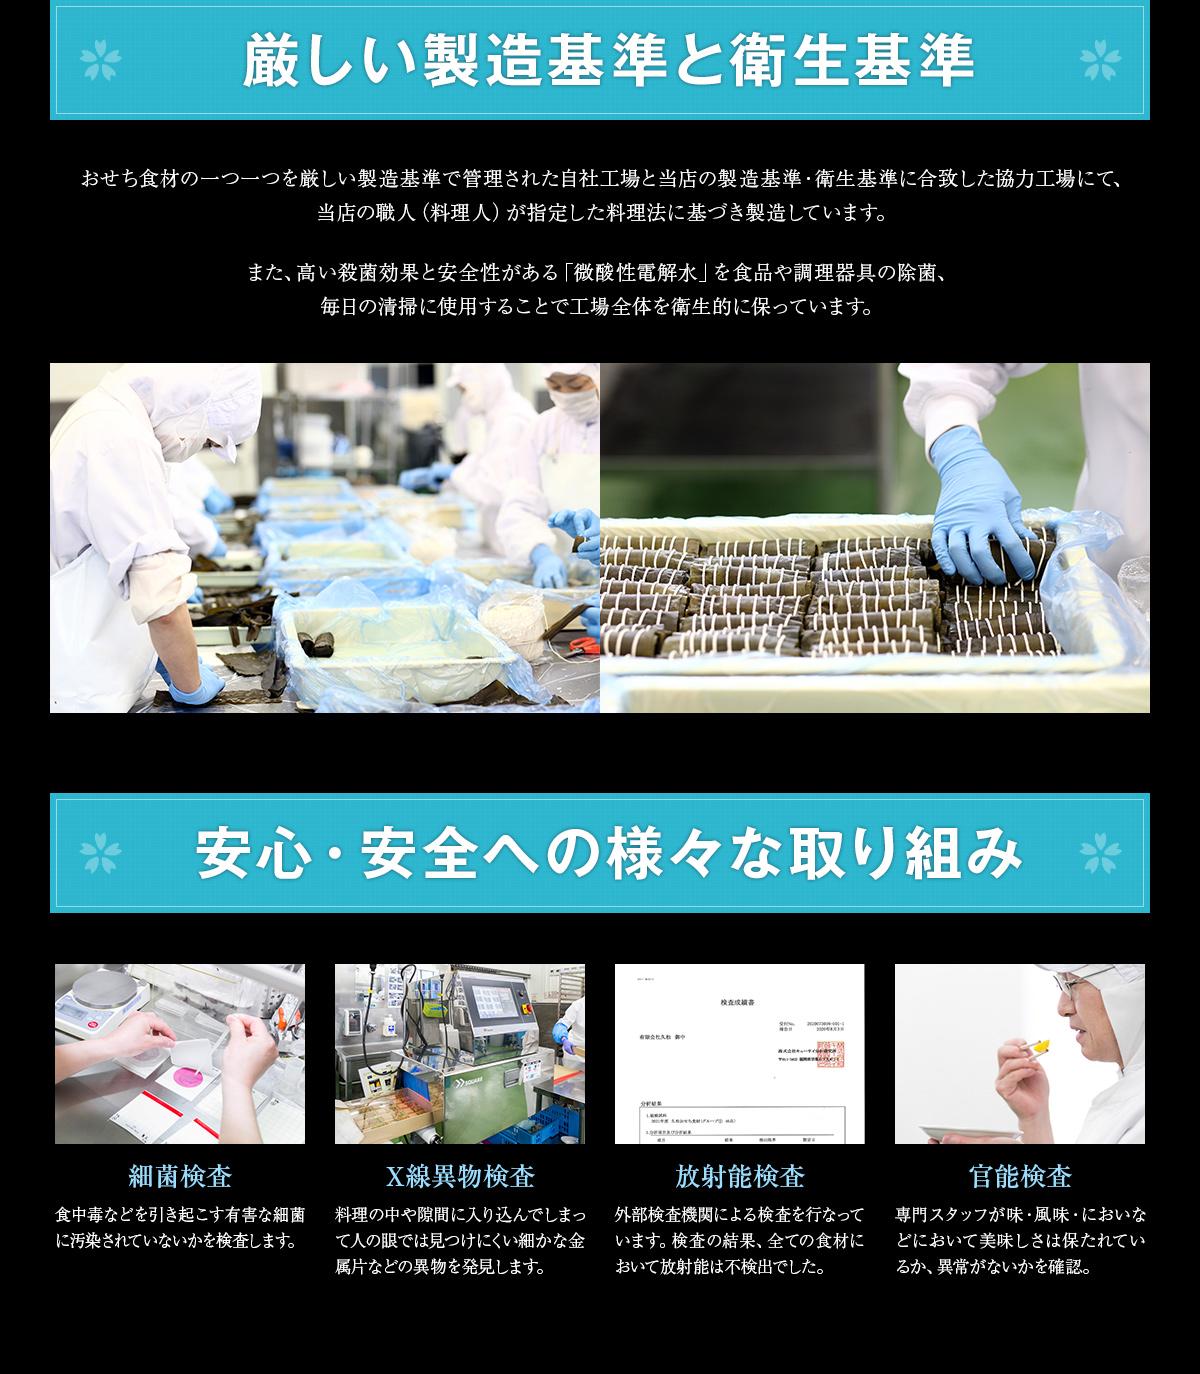 厳しい製造基準と衛生基準